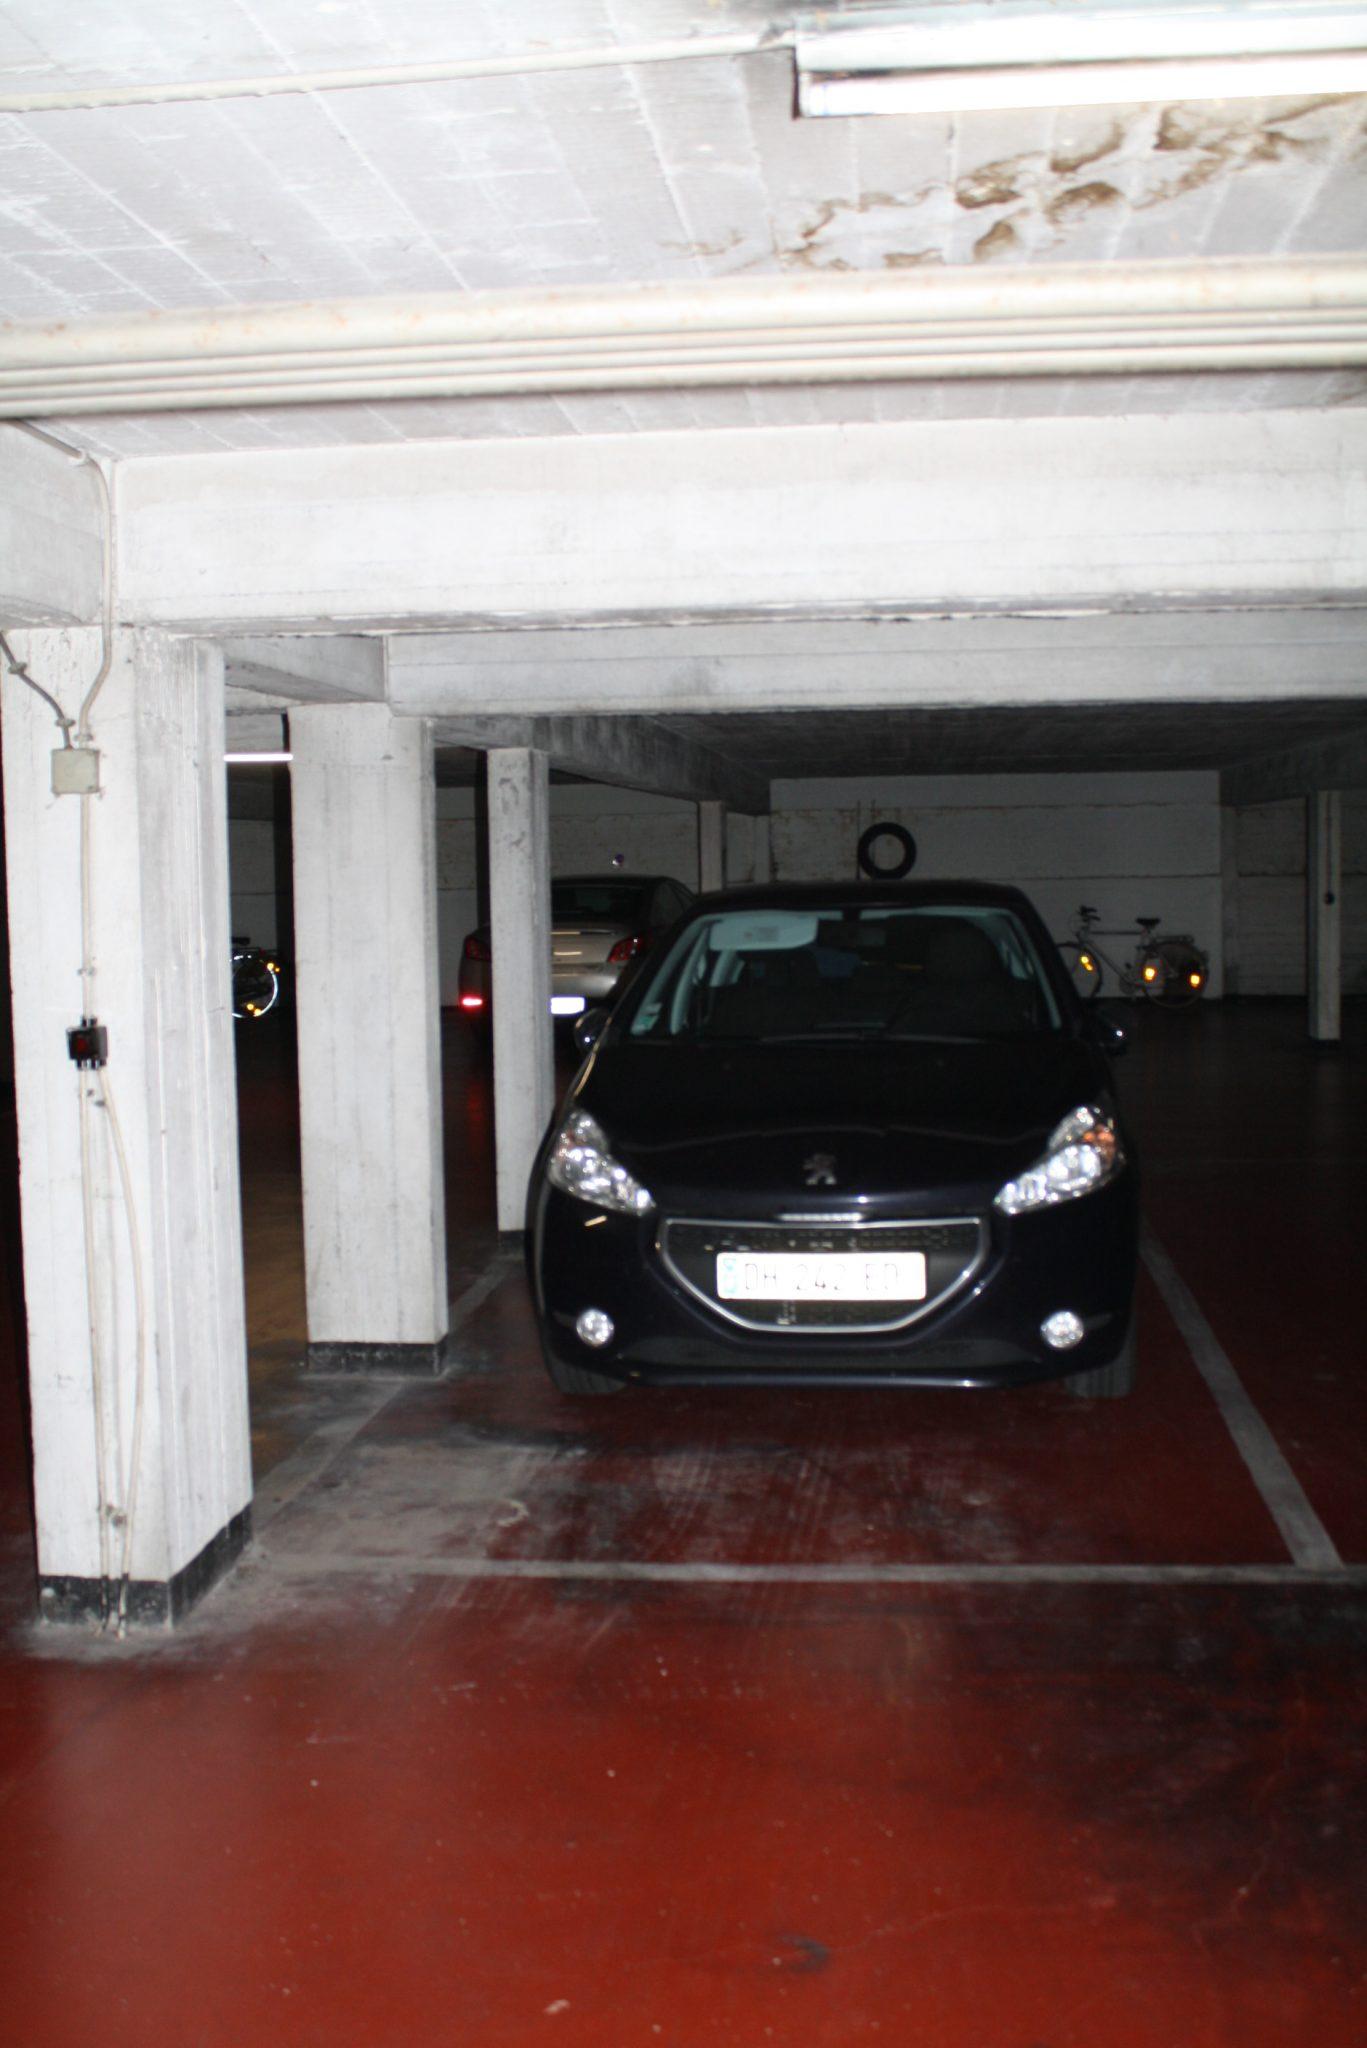 SunHouse-autostandplaats 41 003